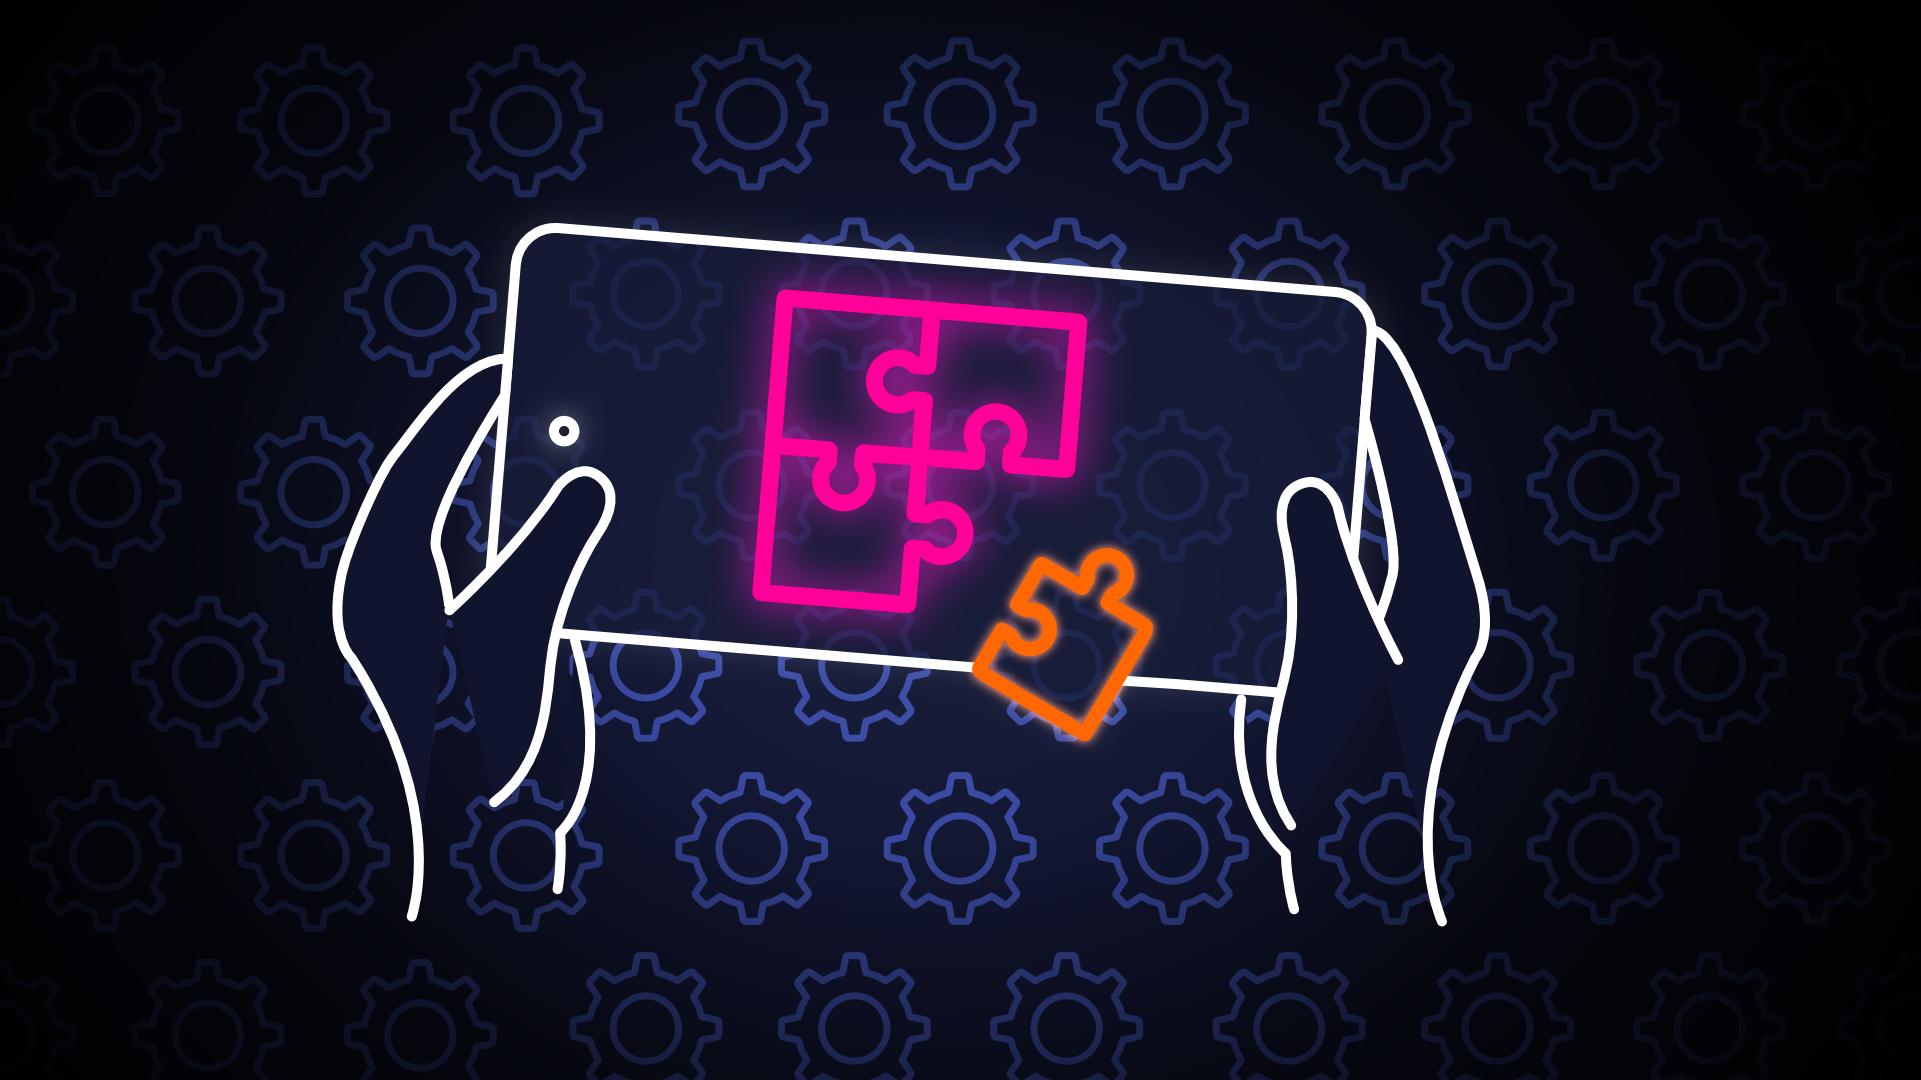 Les Meilleurs Jeux De Réflexion Gratuits Et Payants Sur Android tout Jeux 5 Ans Gratuit Français